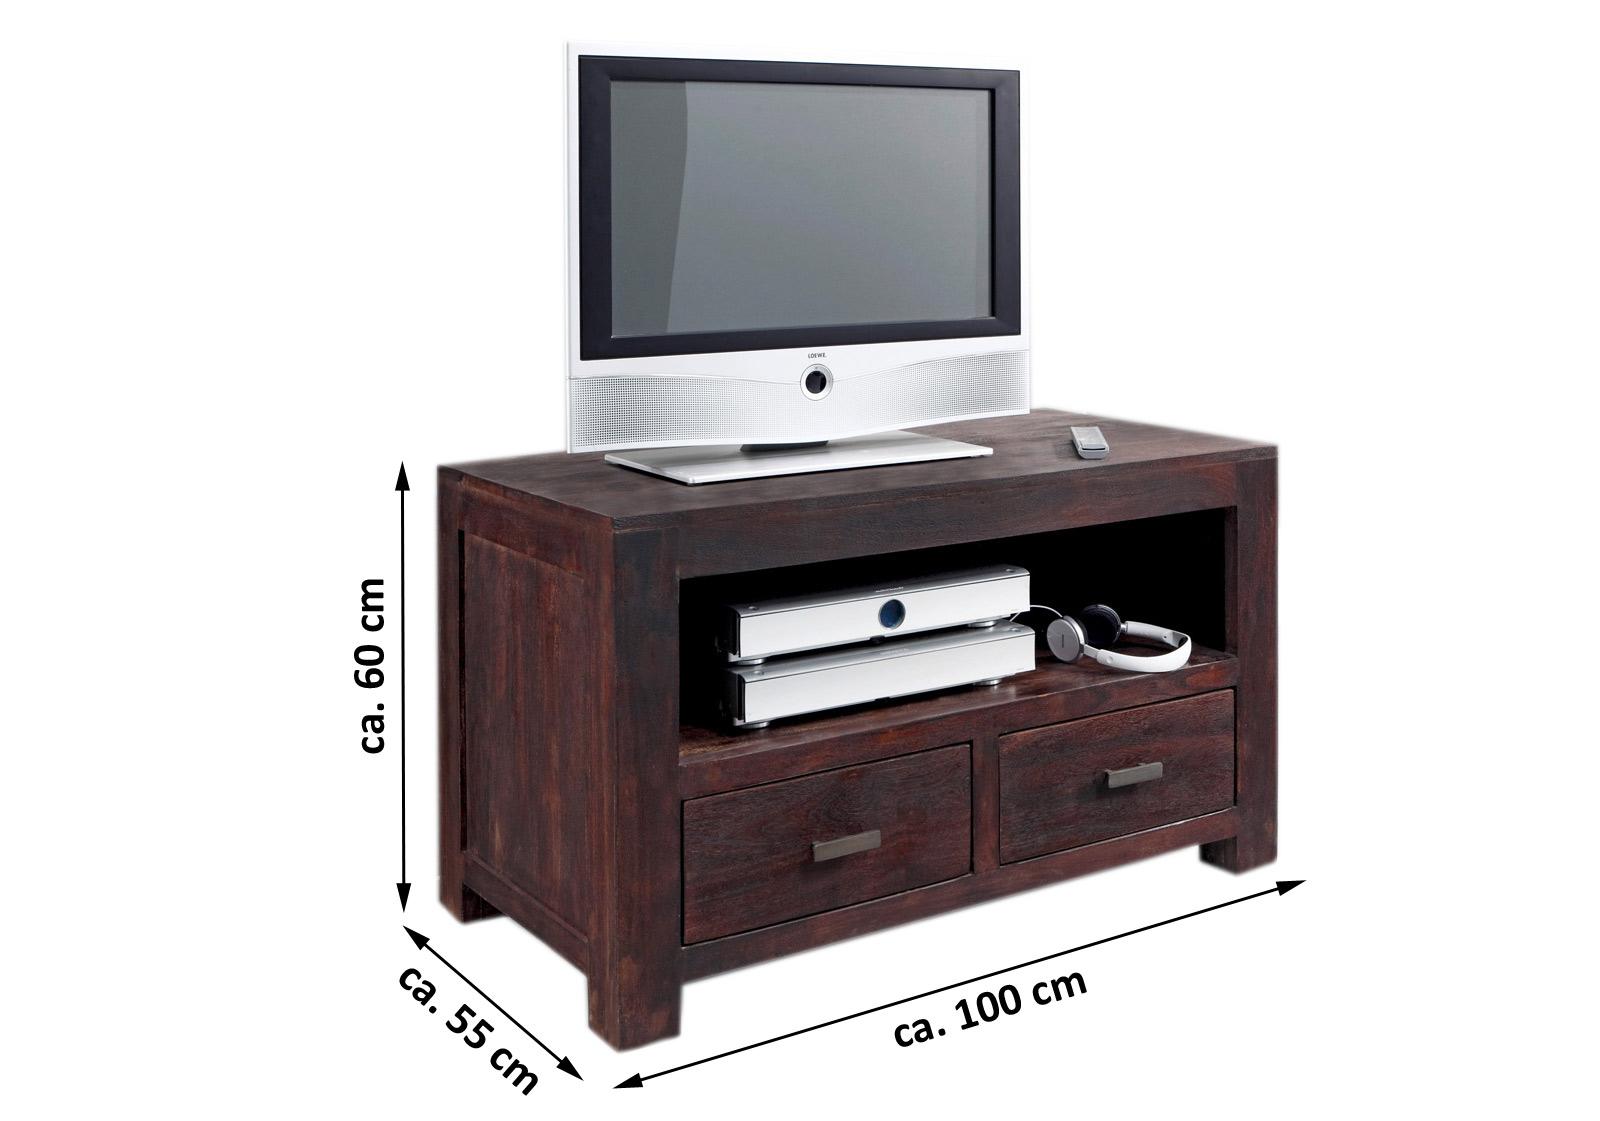 Sale Lowboard Kommode Akazie Tabak 100 X 60 X 55 Cm Timber 6646